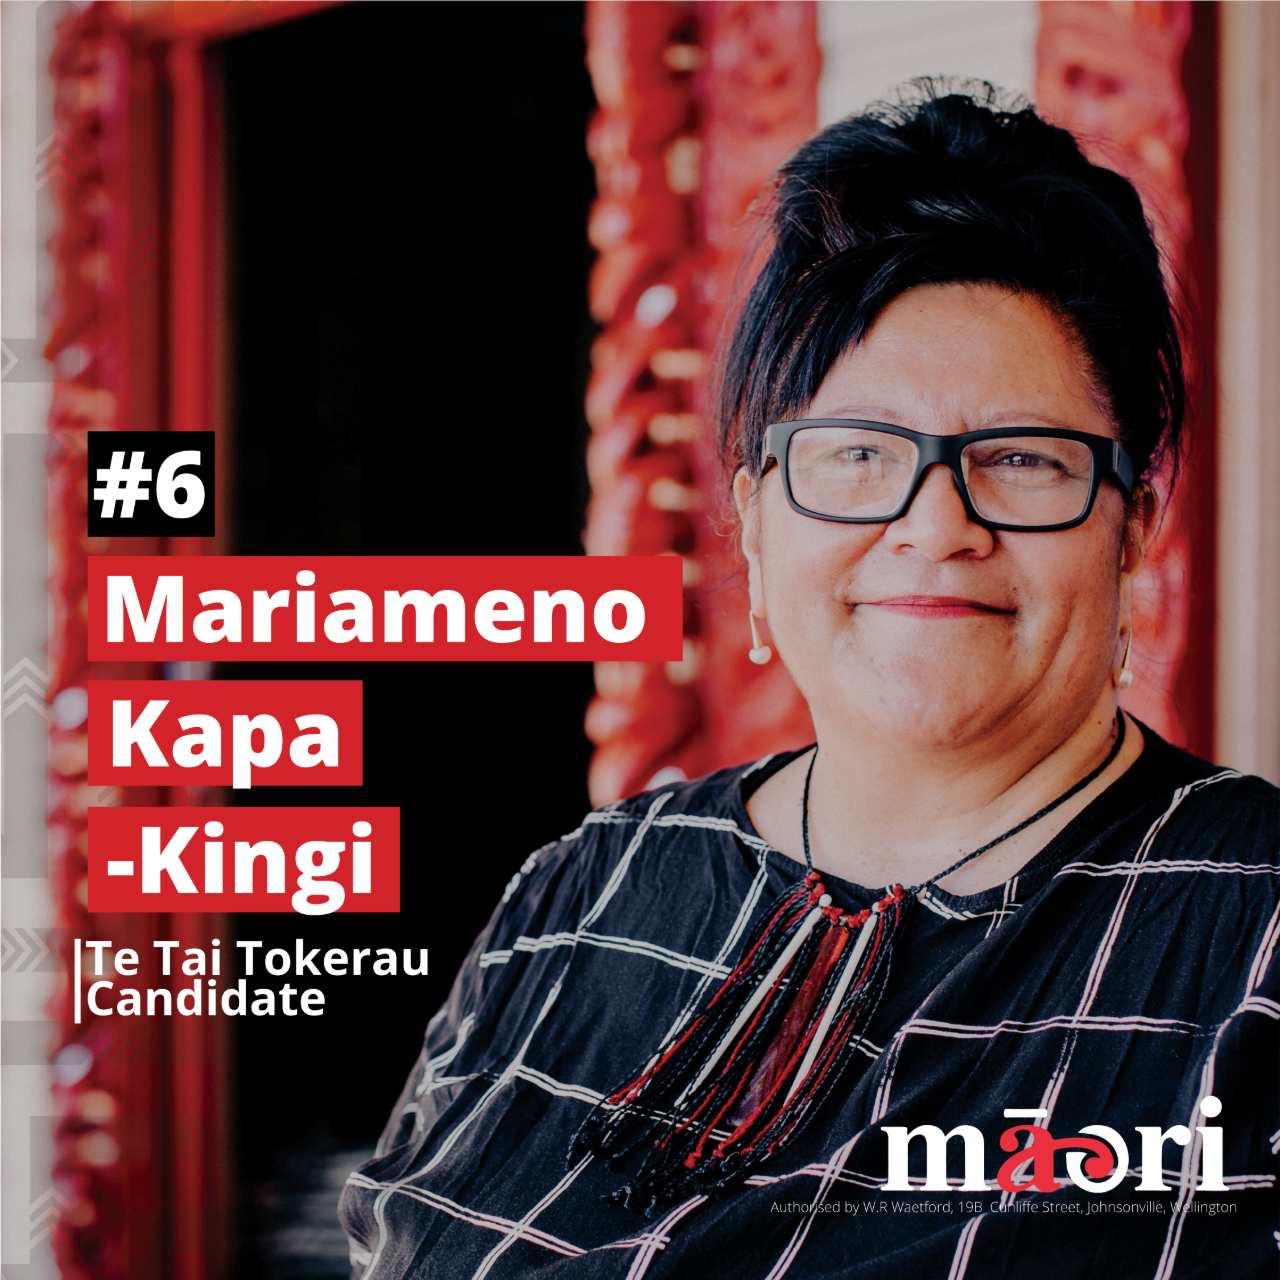 Mariameno Kapa-Kingi, Te Tai Tokerau Candidate